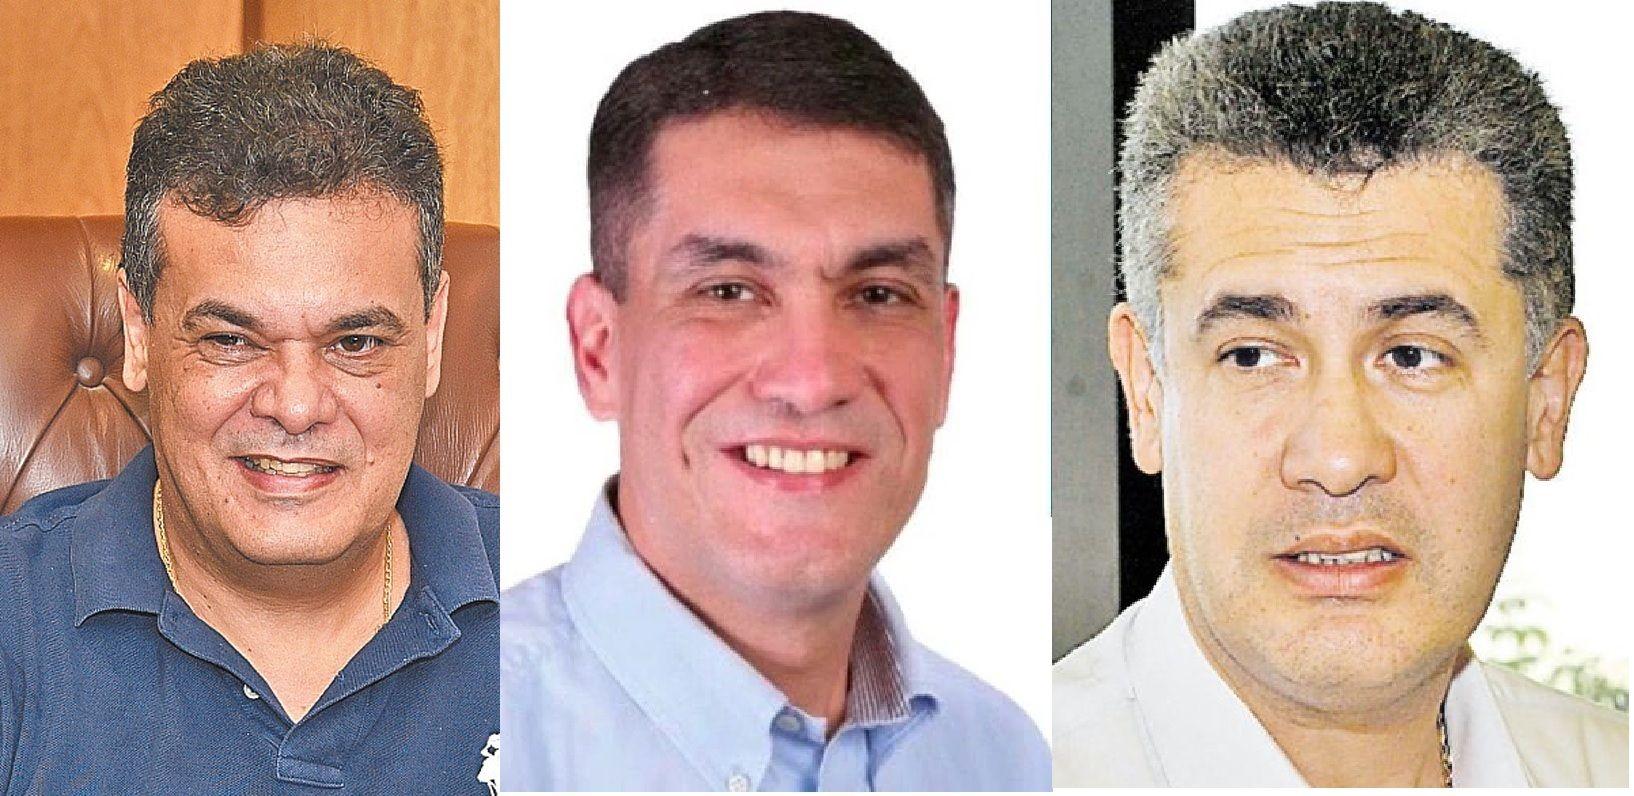 El clan Acevedo: Robert, Ronald y José Carlos tienen antecedentes de prepotencia en el Amambay.